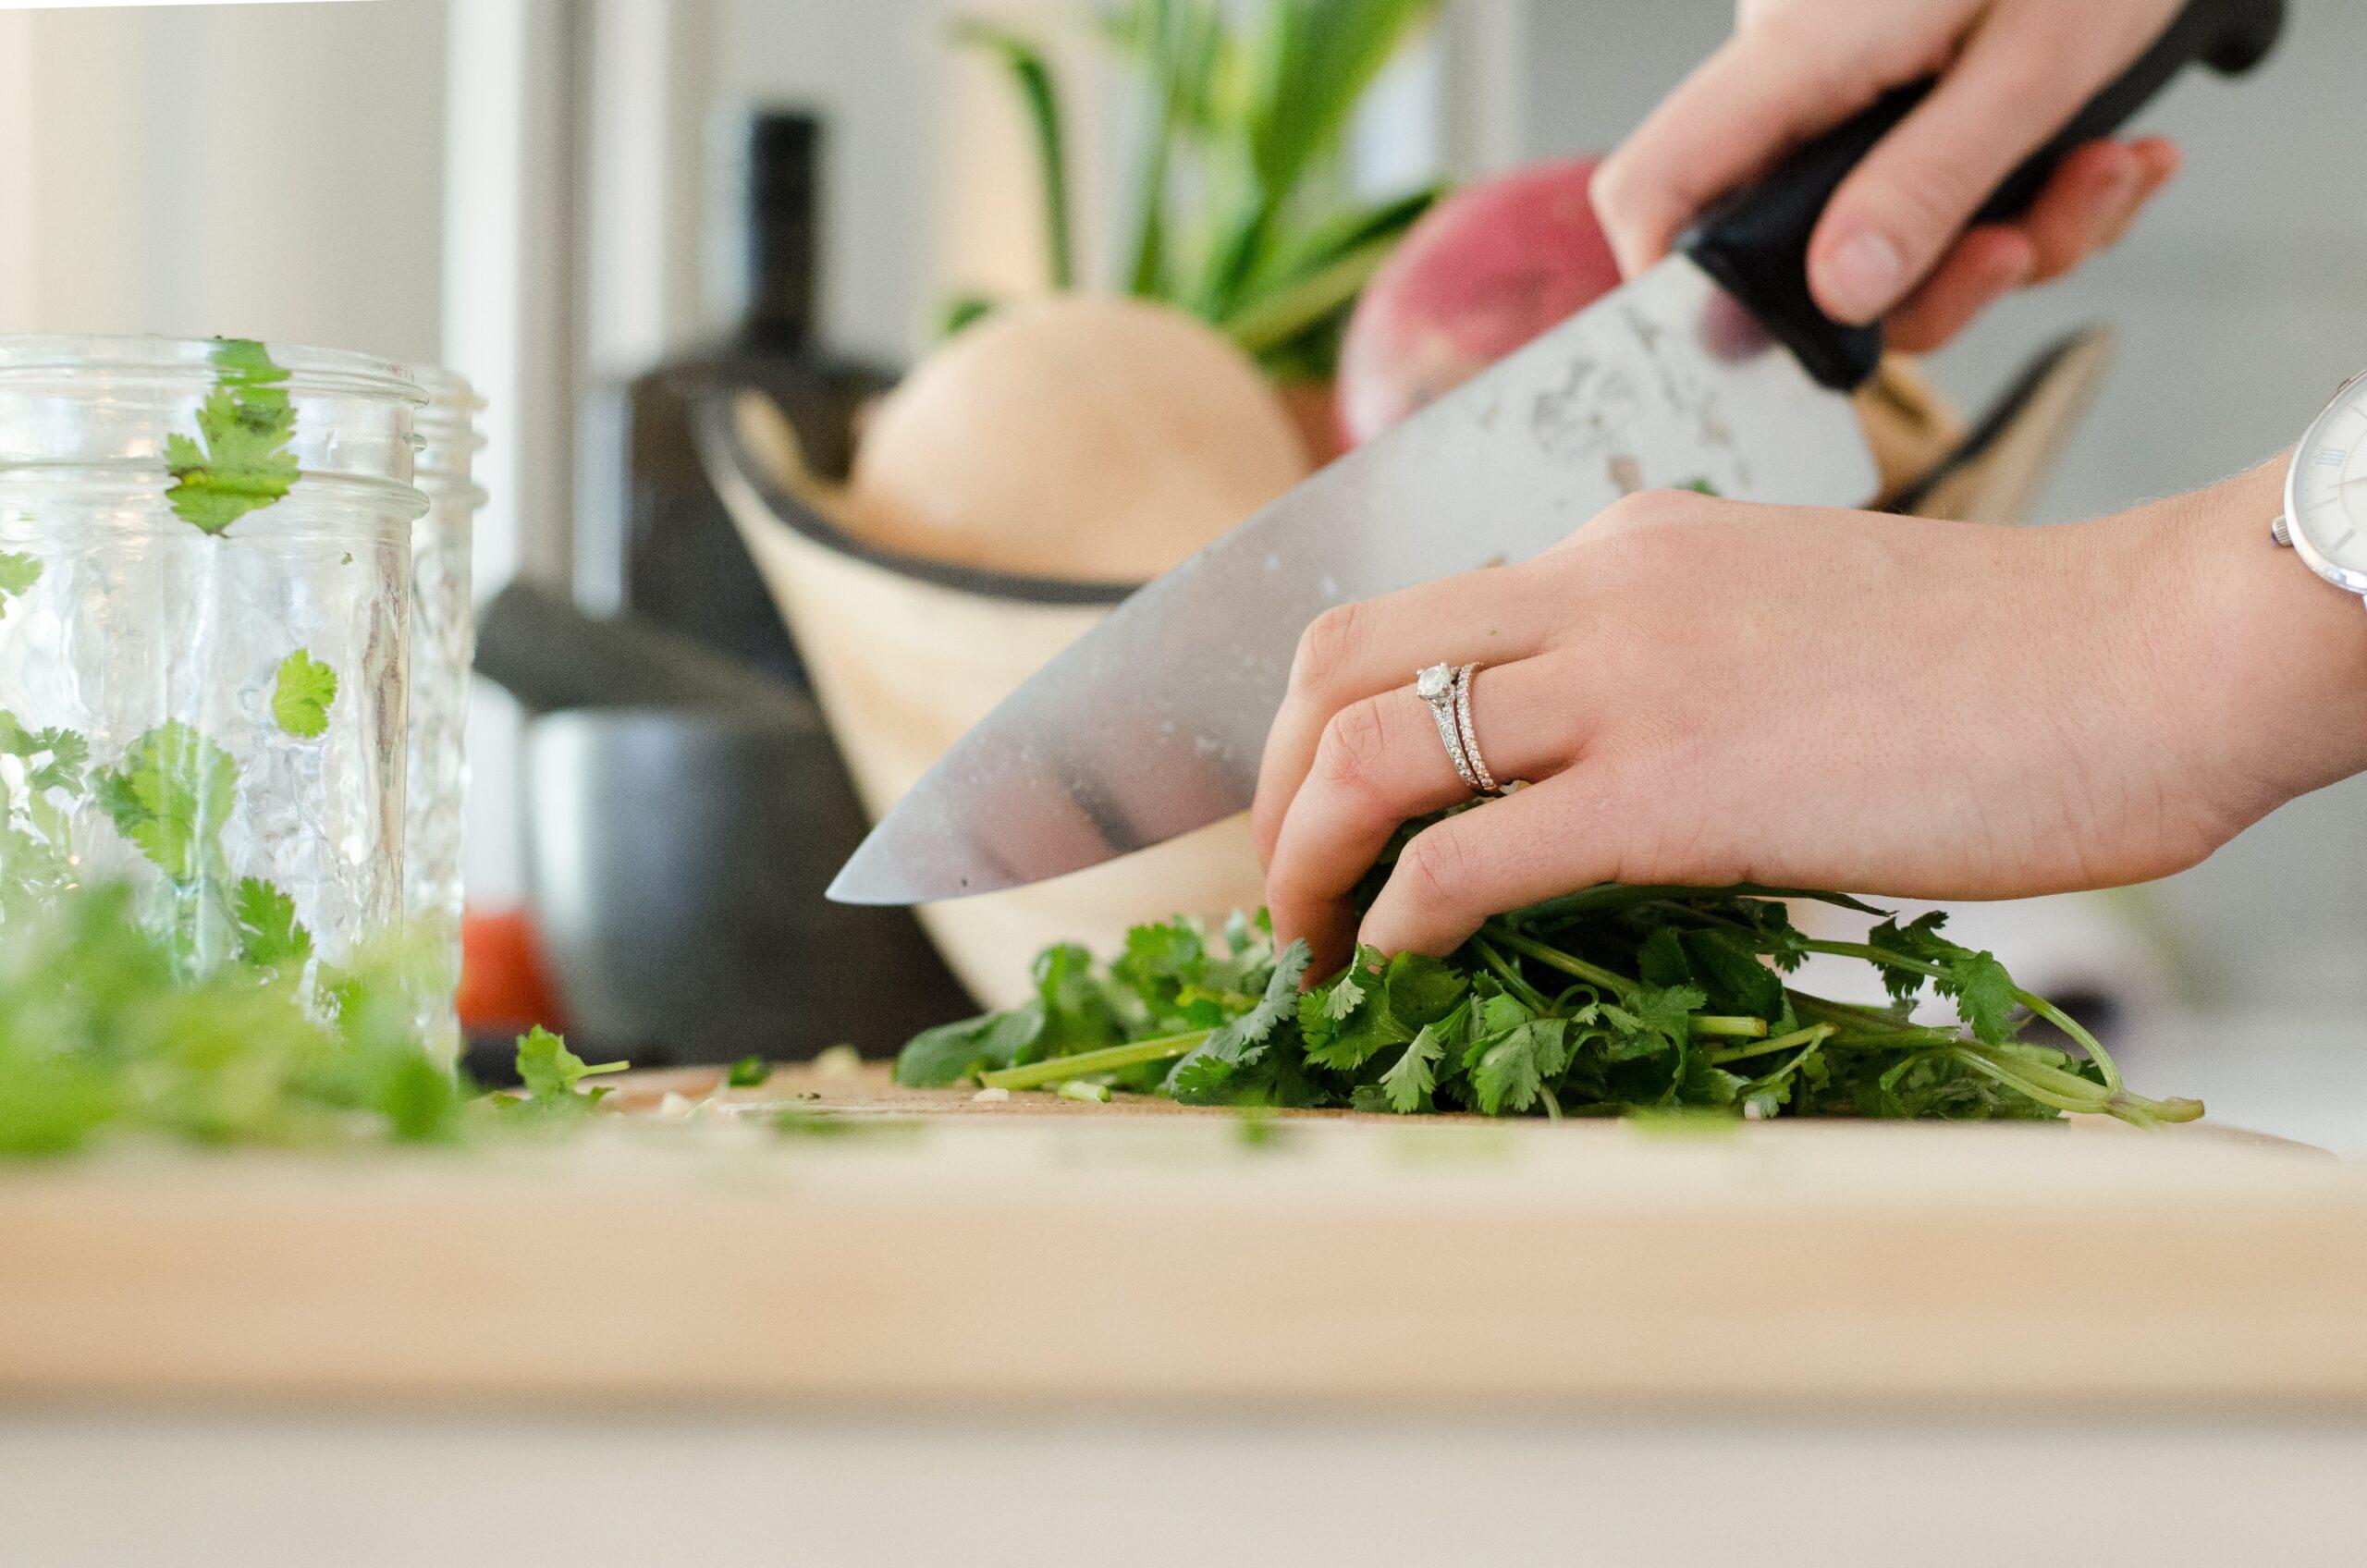 Cocinar más y comer menos fuera